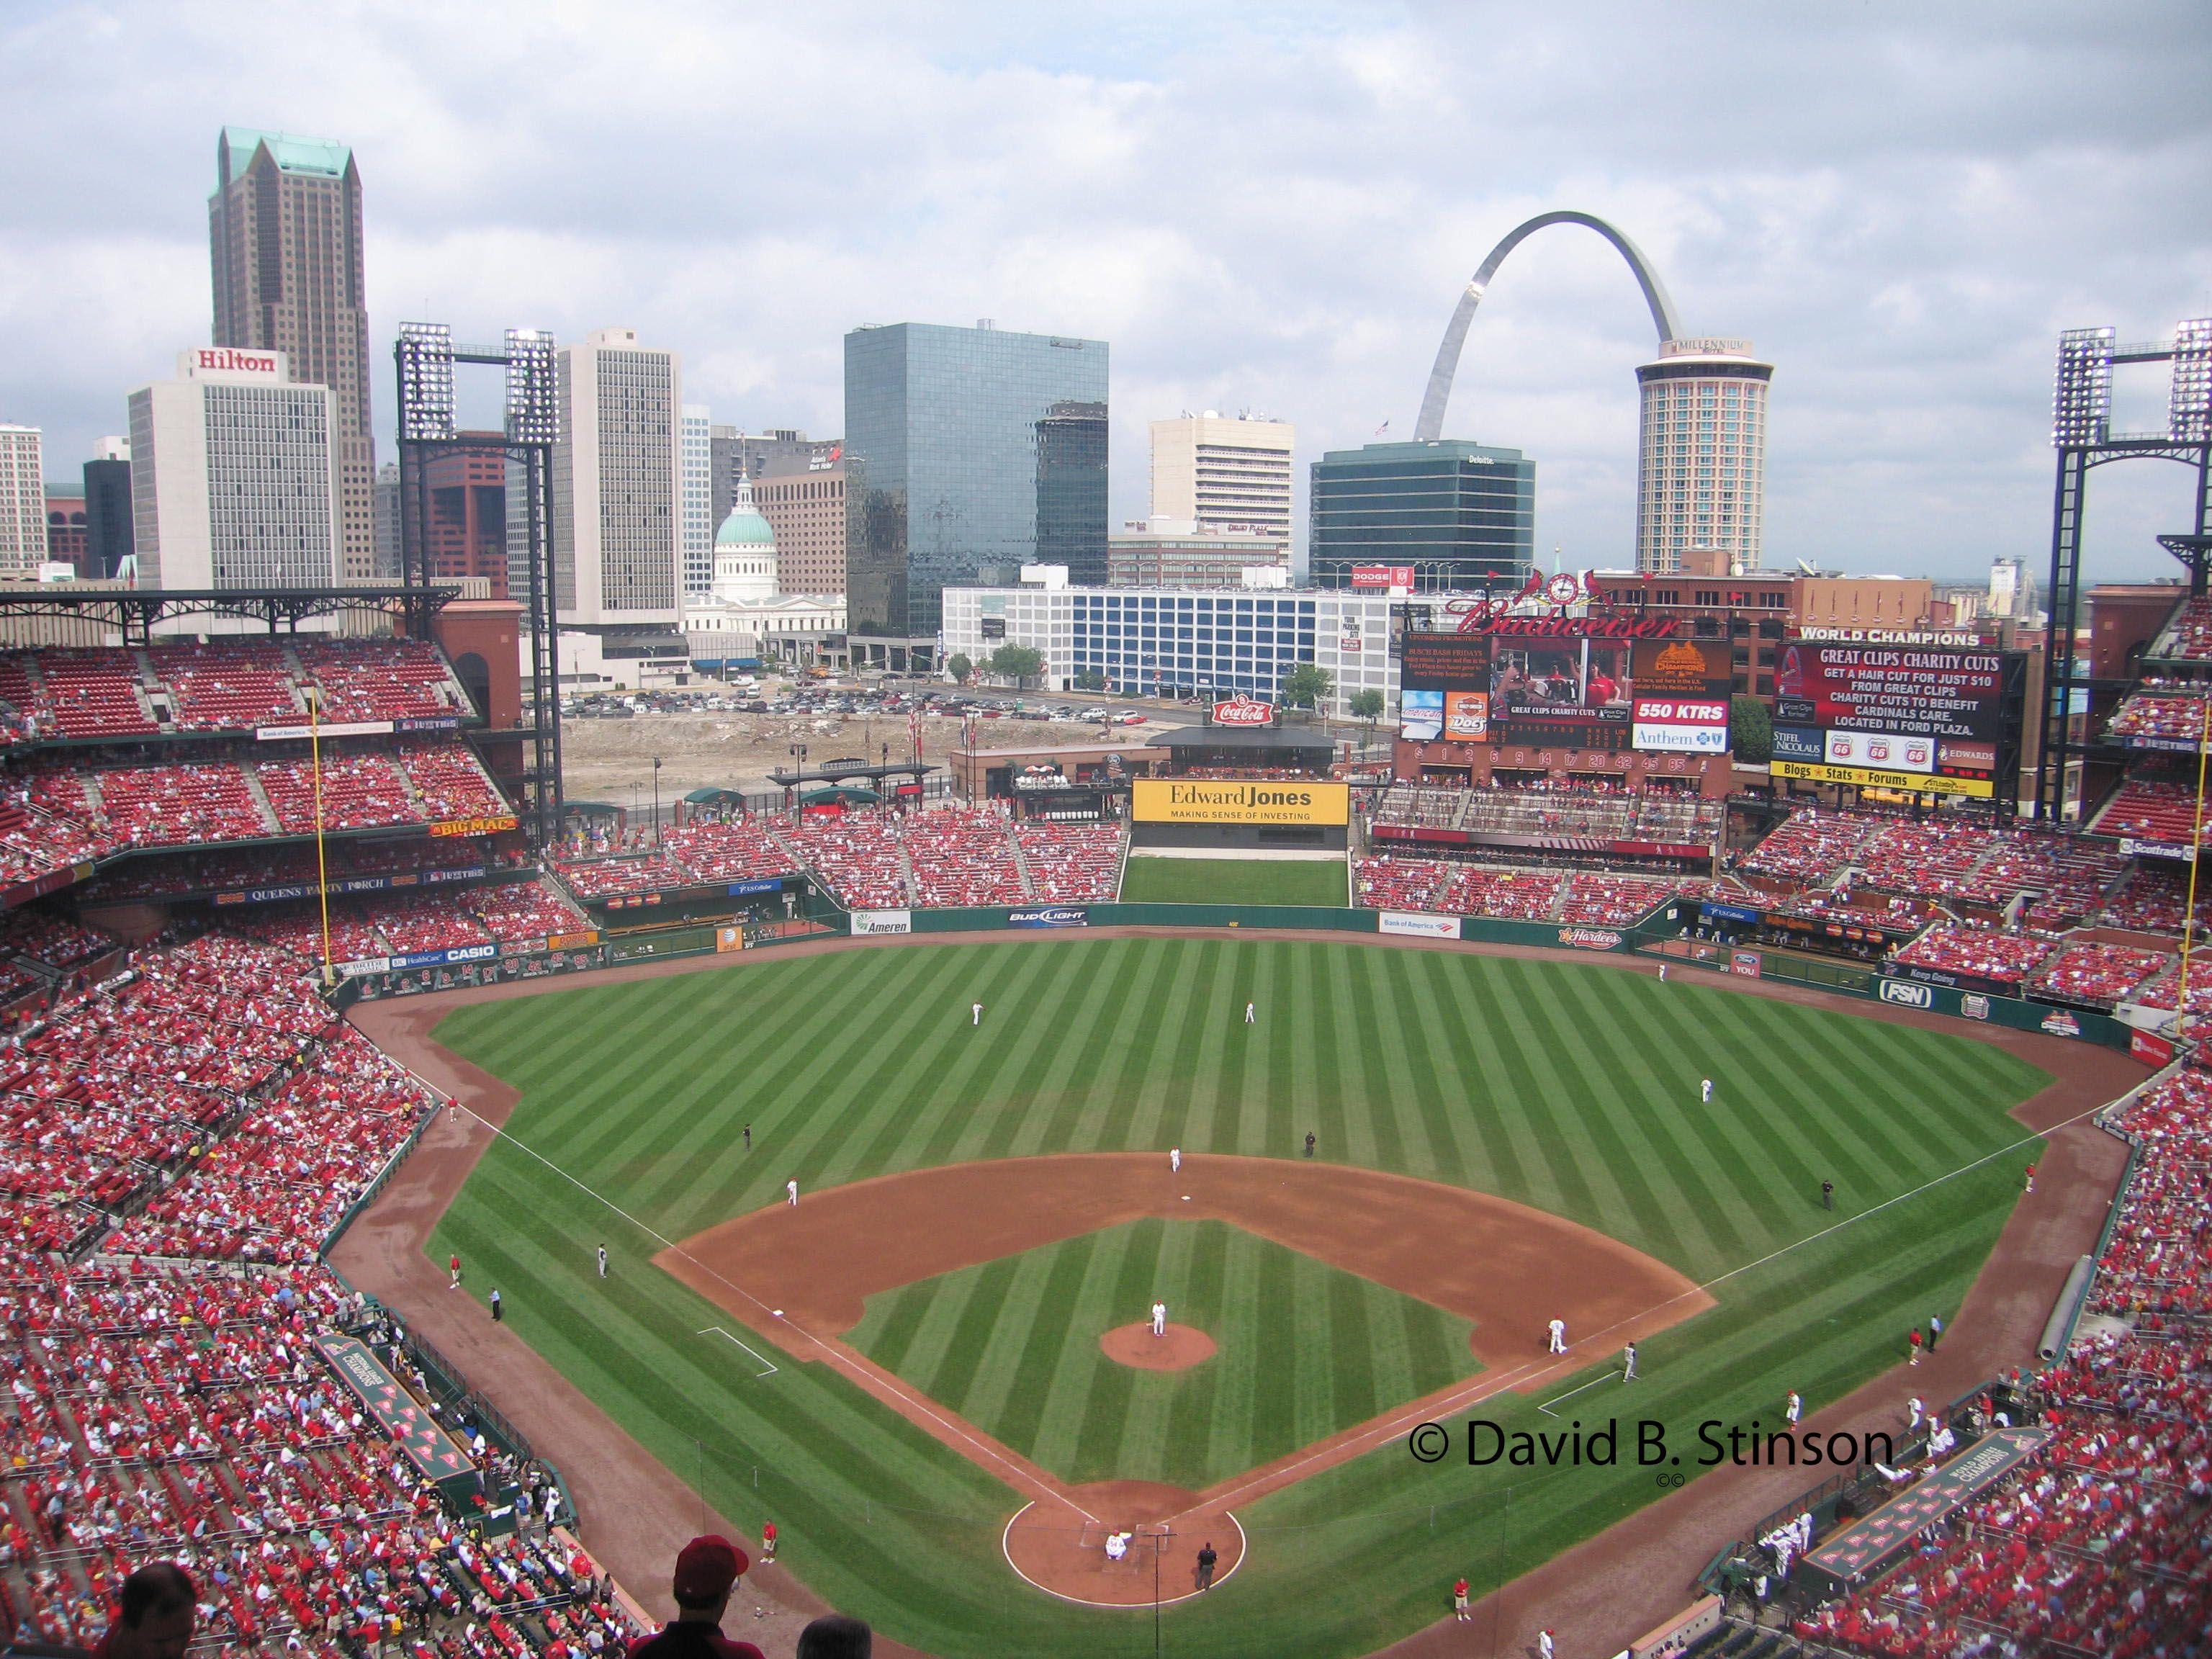 1000 Images About Mlb Ballparks I 39 Ve Visited On Pinterest Parks Baseball Park Busch Stadium Ballparks